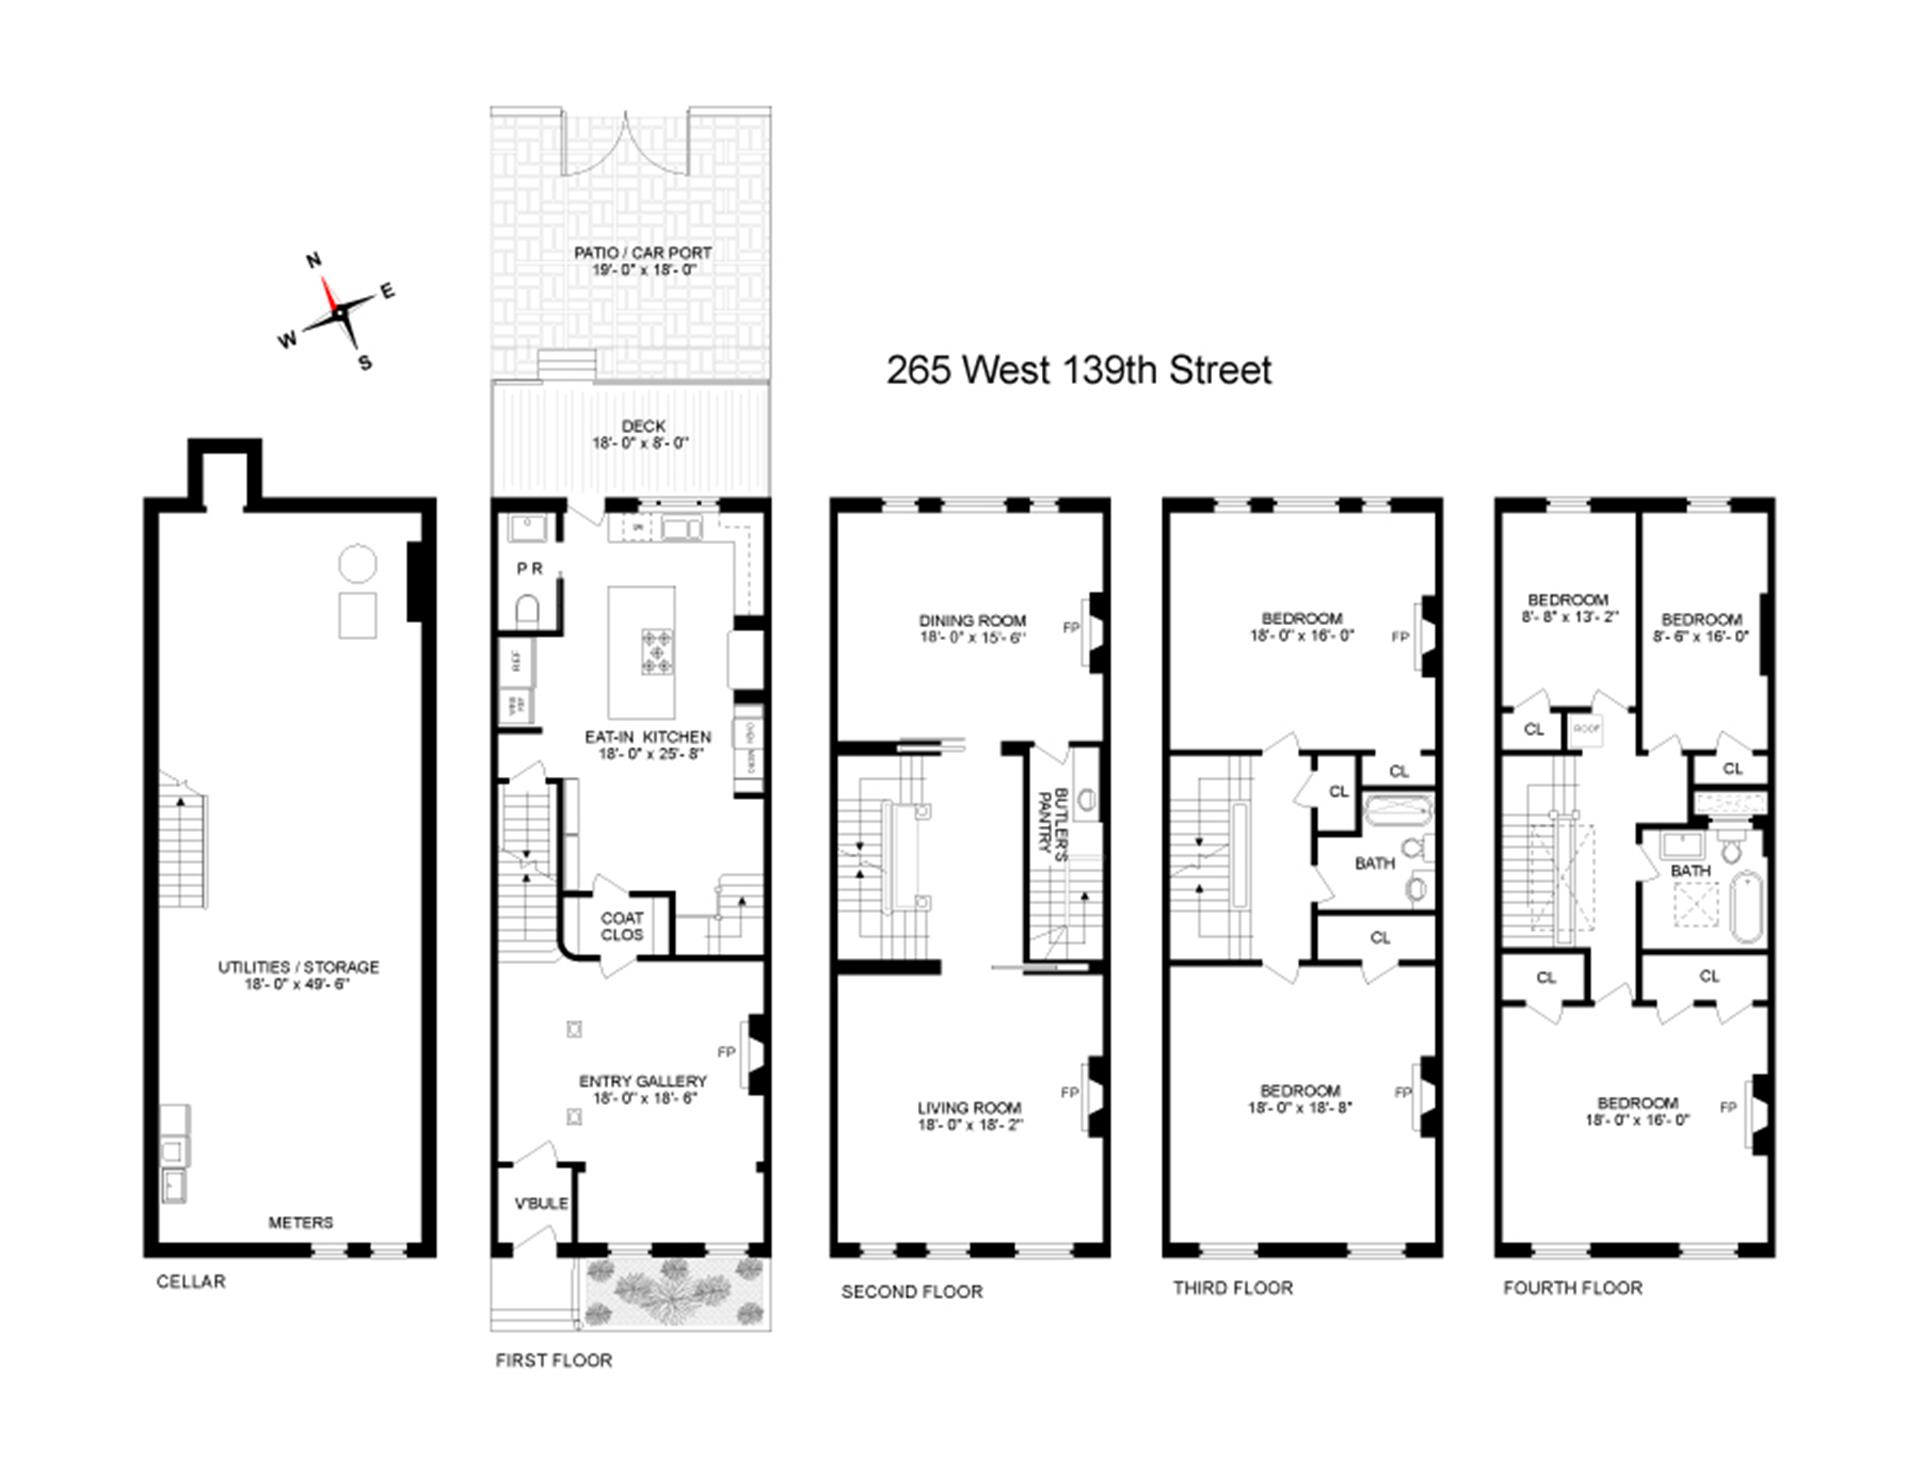 Floor plan of 265 West 139th St - Harlem, New York